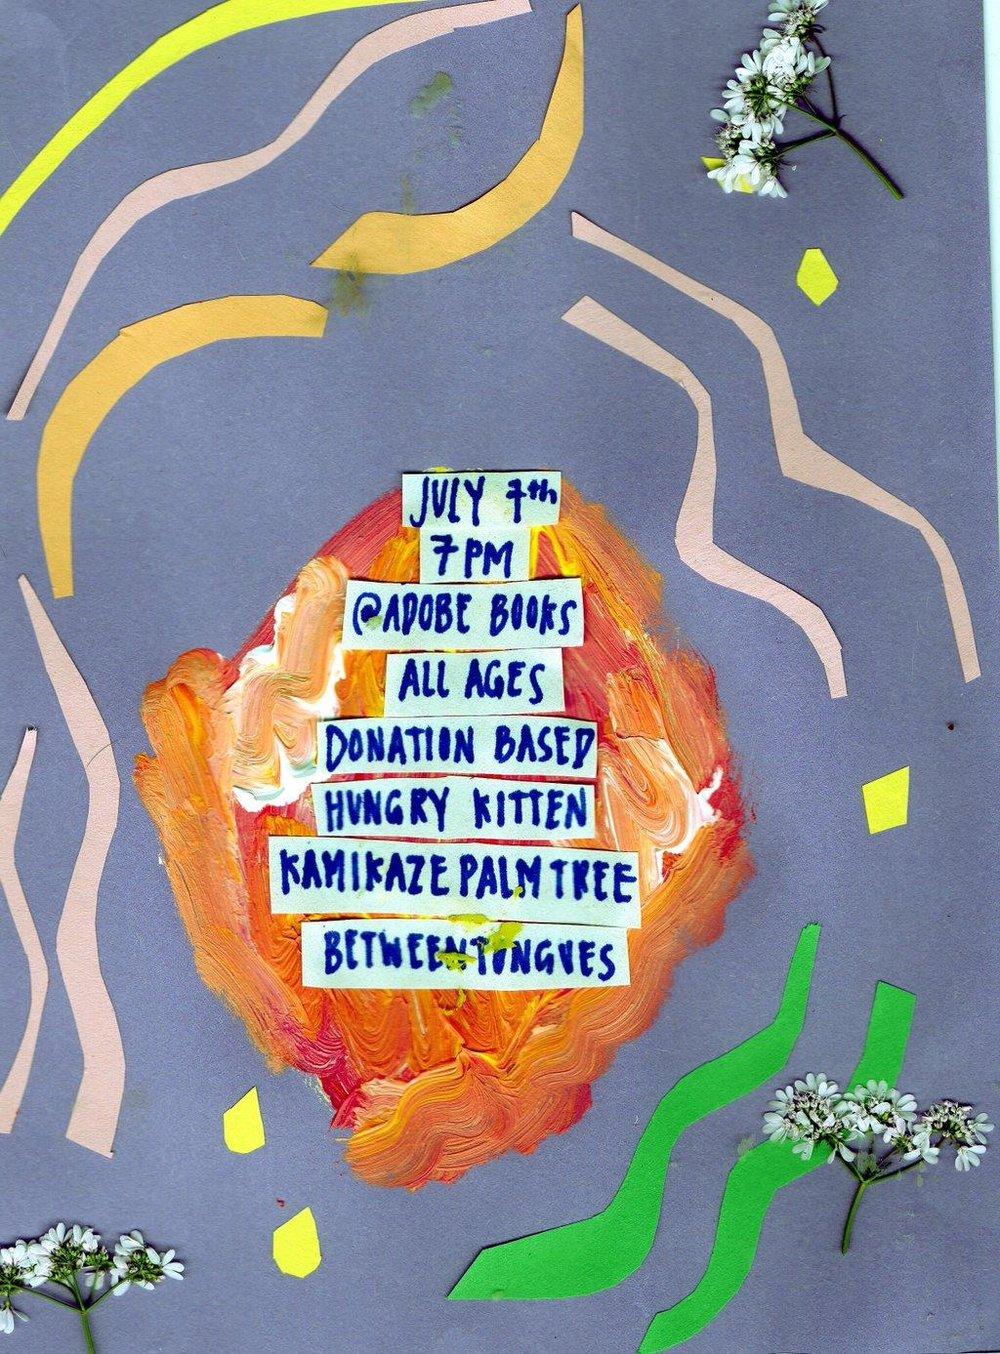 flyer design:Gabriella Mayarii